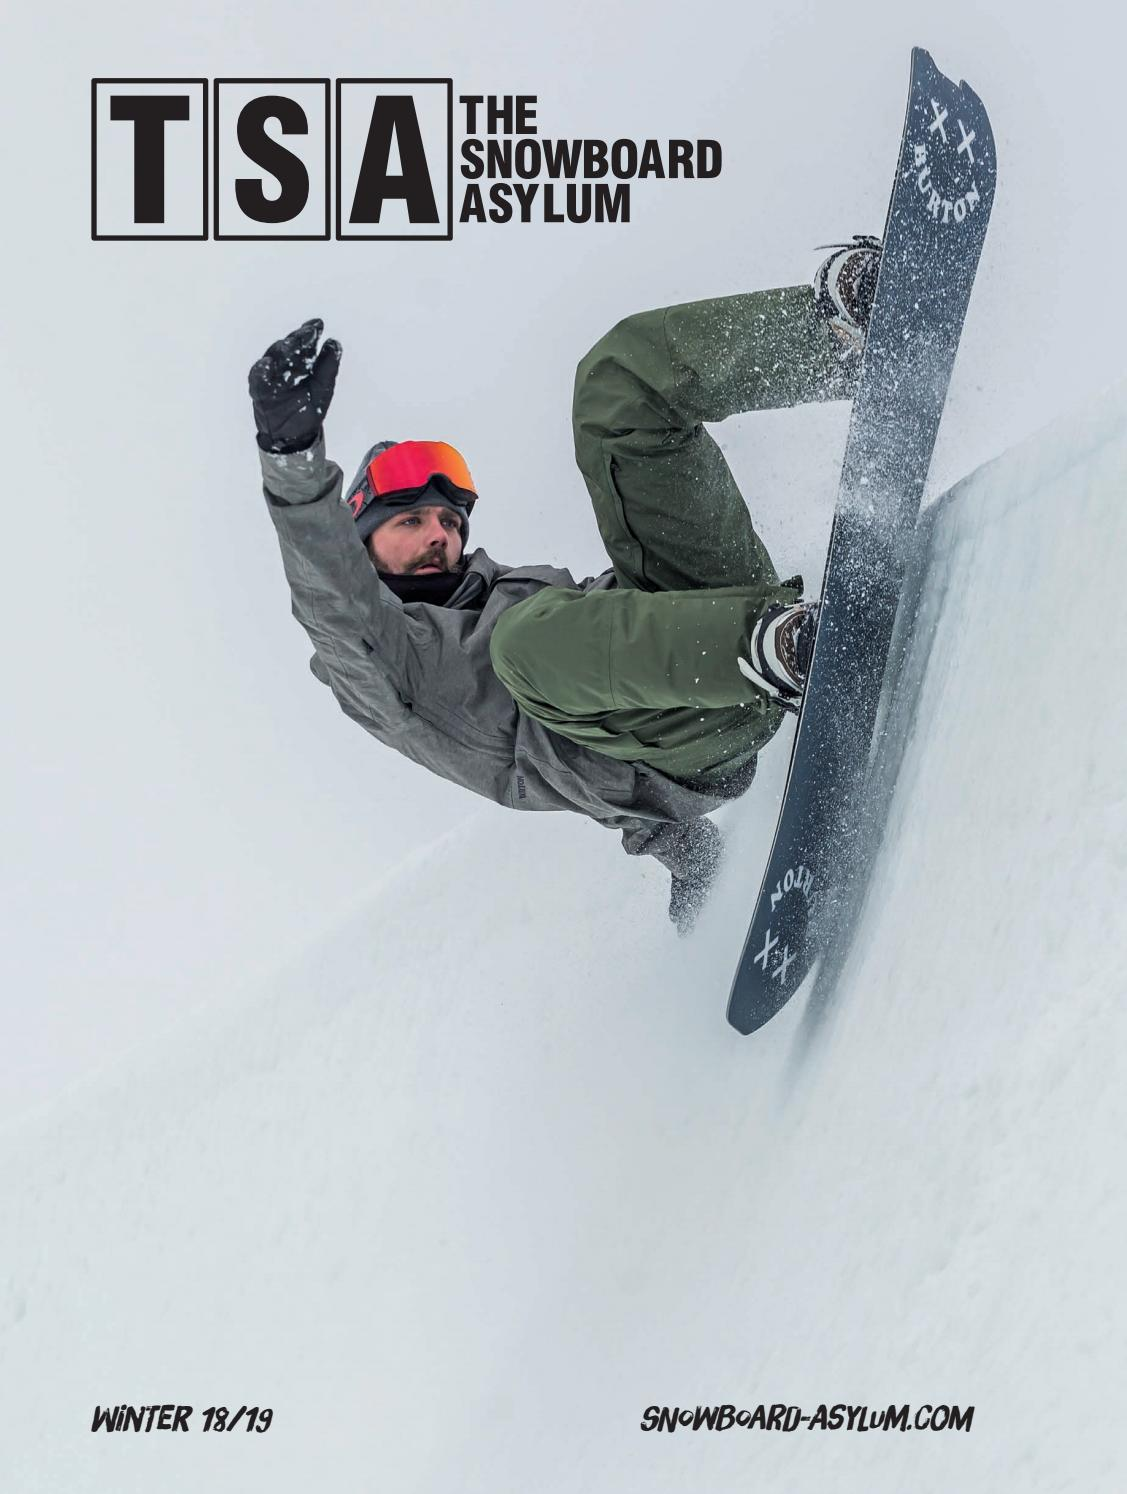 71340a6ef The Snowboard Asylum 18 19 by Ellis Brigham Mountain Sports - issuu